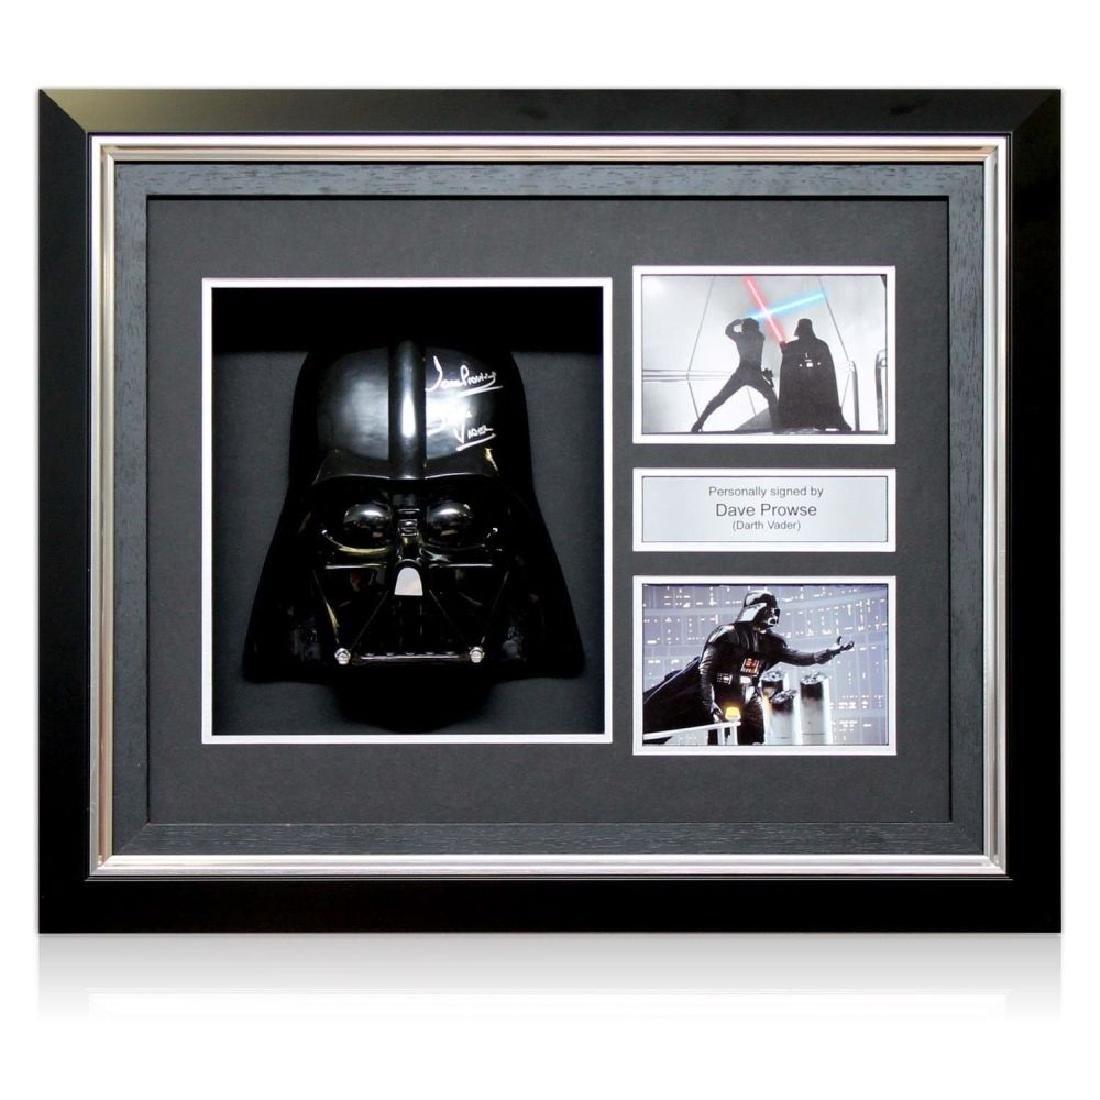 Star Wars Framed & Signed Darth Vader Mask